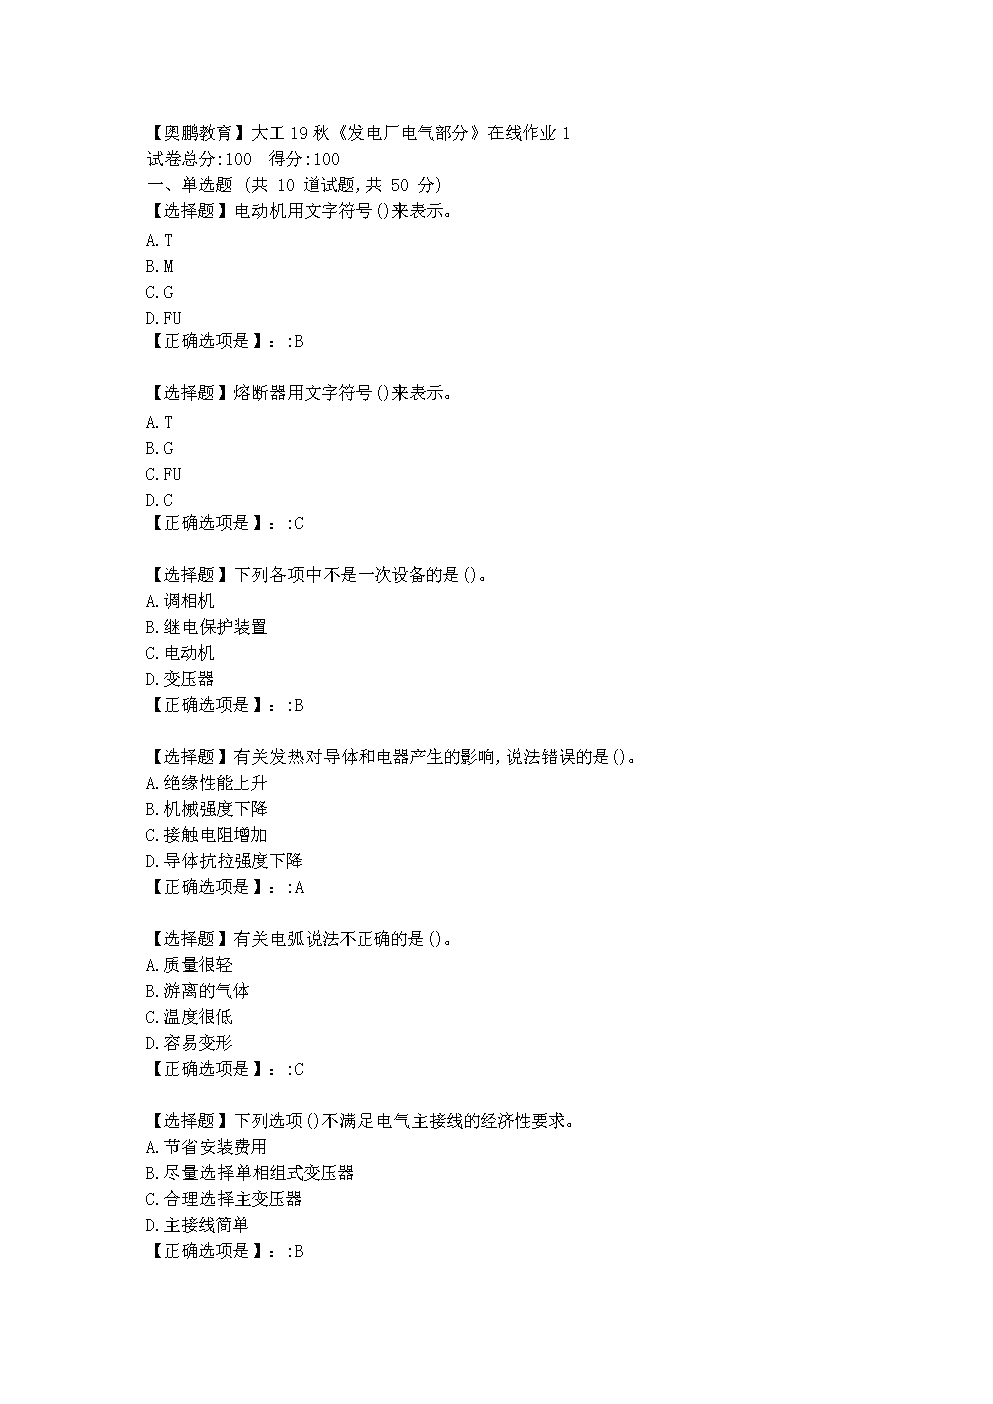 大连理工大学19秋《发电厂电气部分》在线作业1学习资料.doc